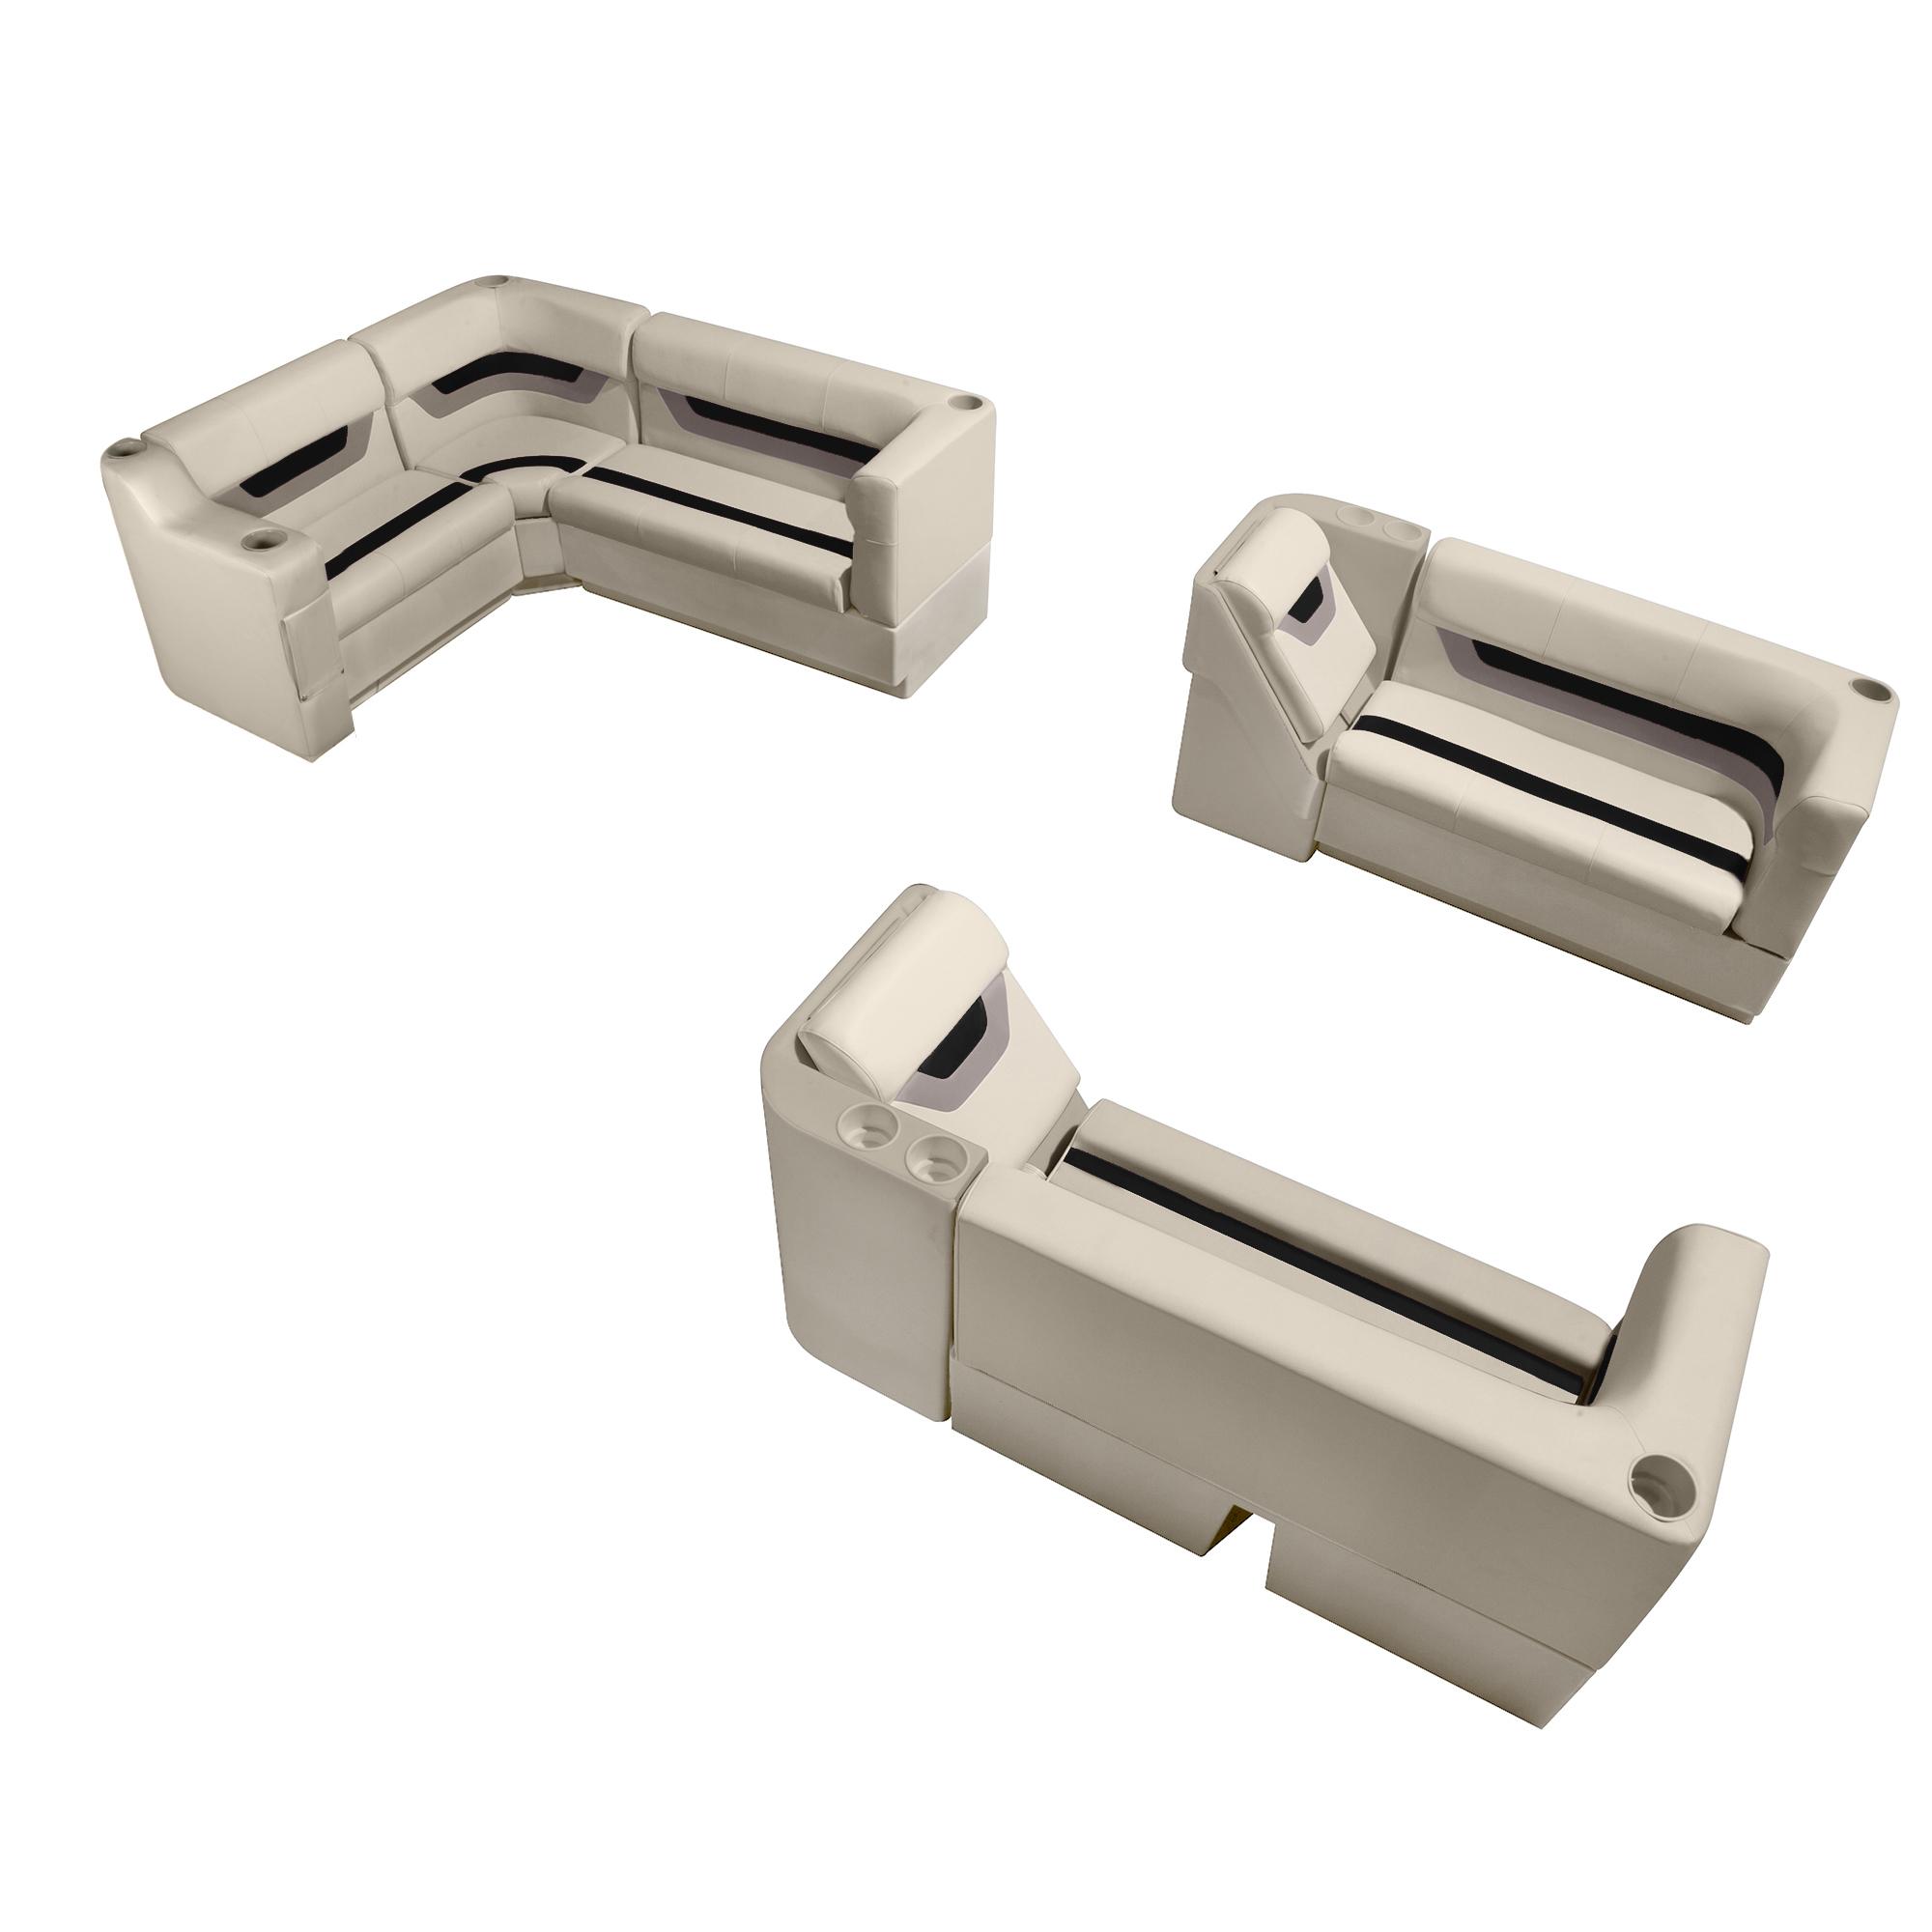 Designer Pontoon Furniture - Complete Lounger Package, Platinum/Black/Mocha